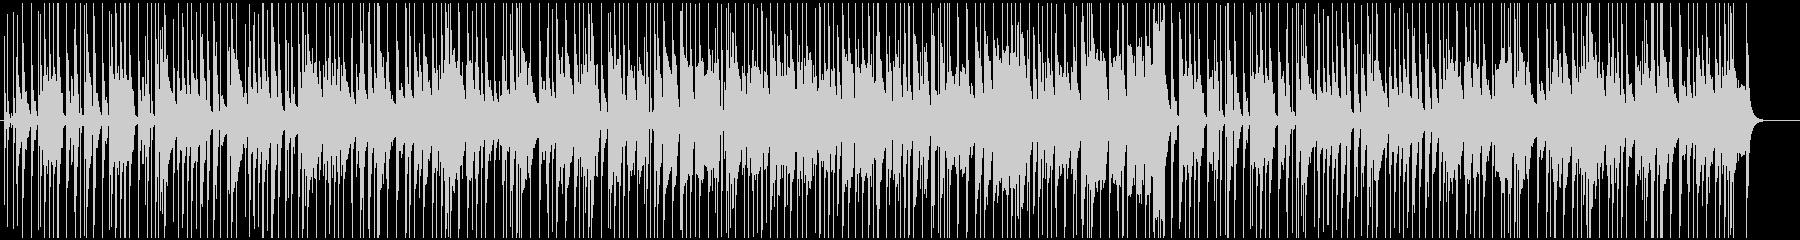 ノリがよくカッコいいジャズピアノトリオの未再生の波形